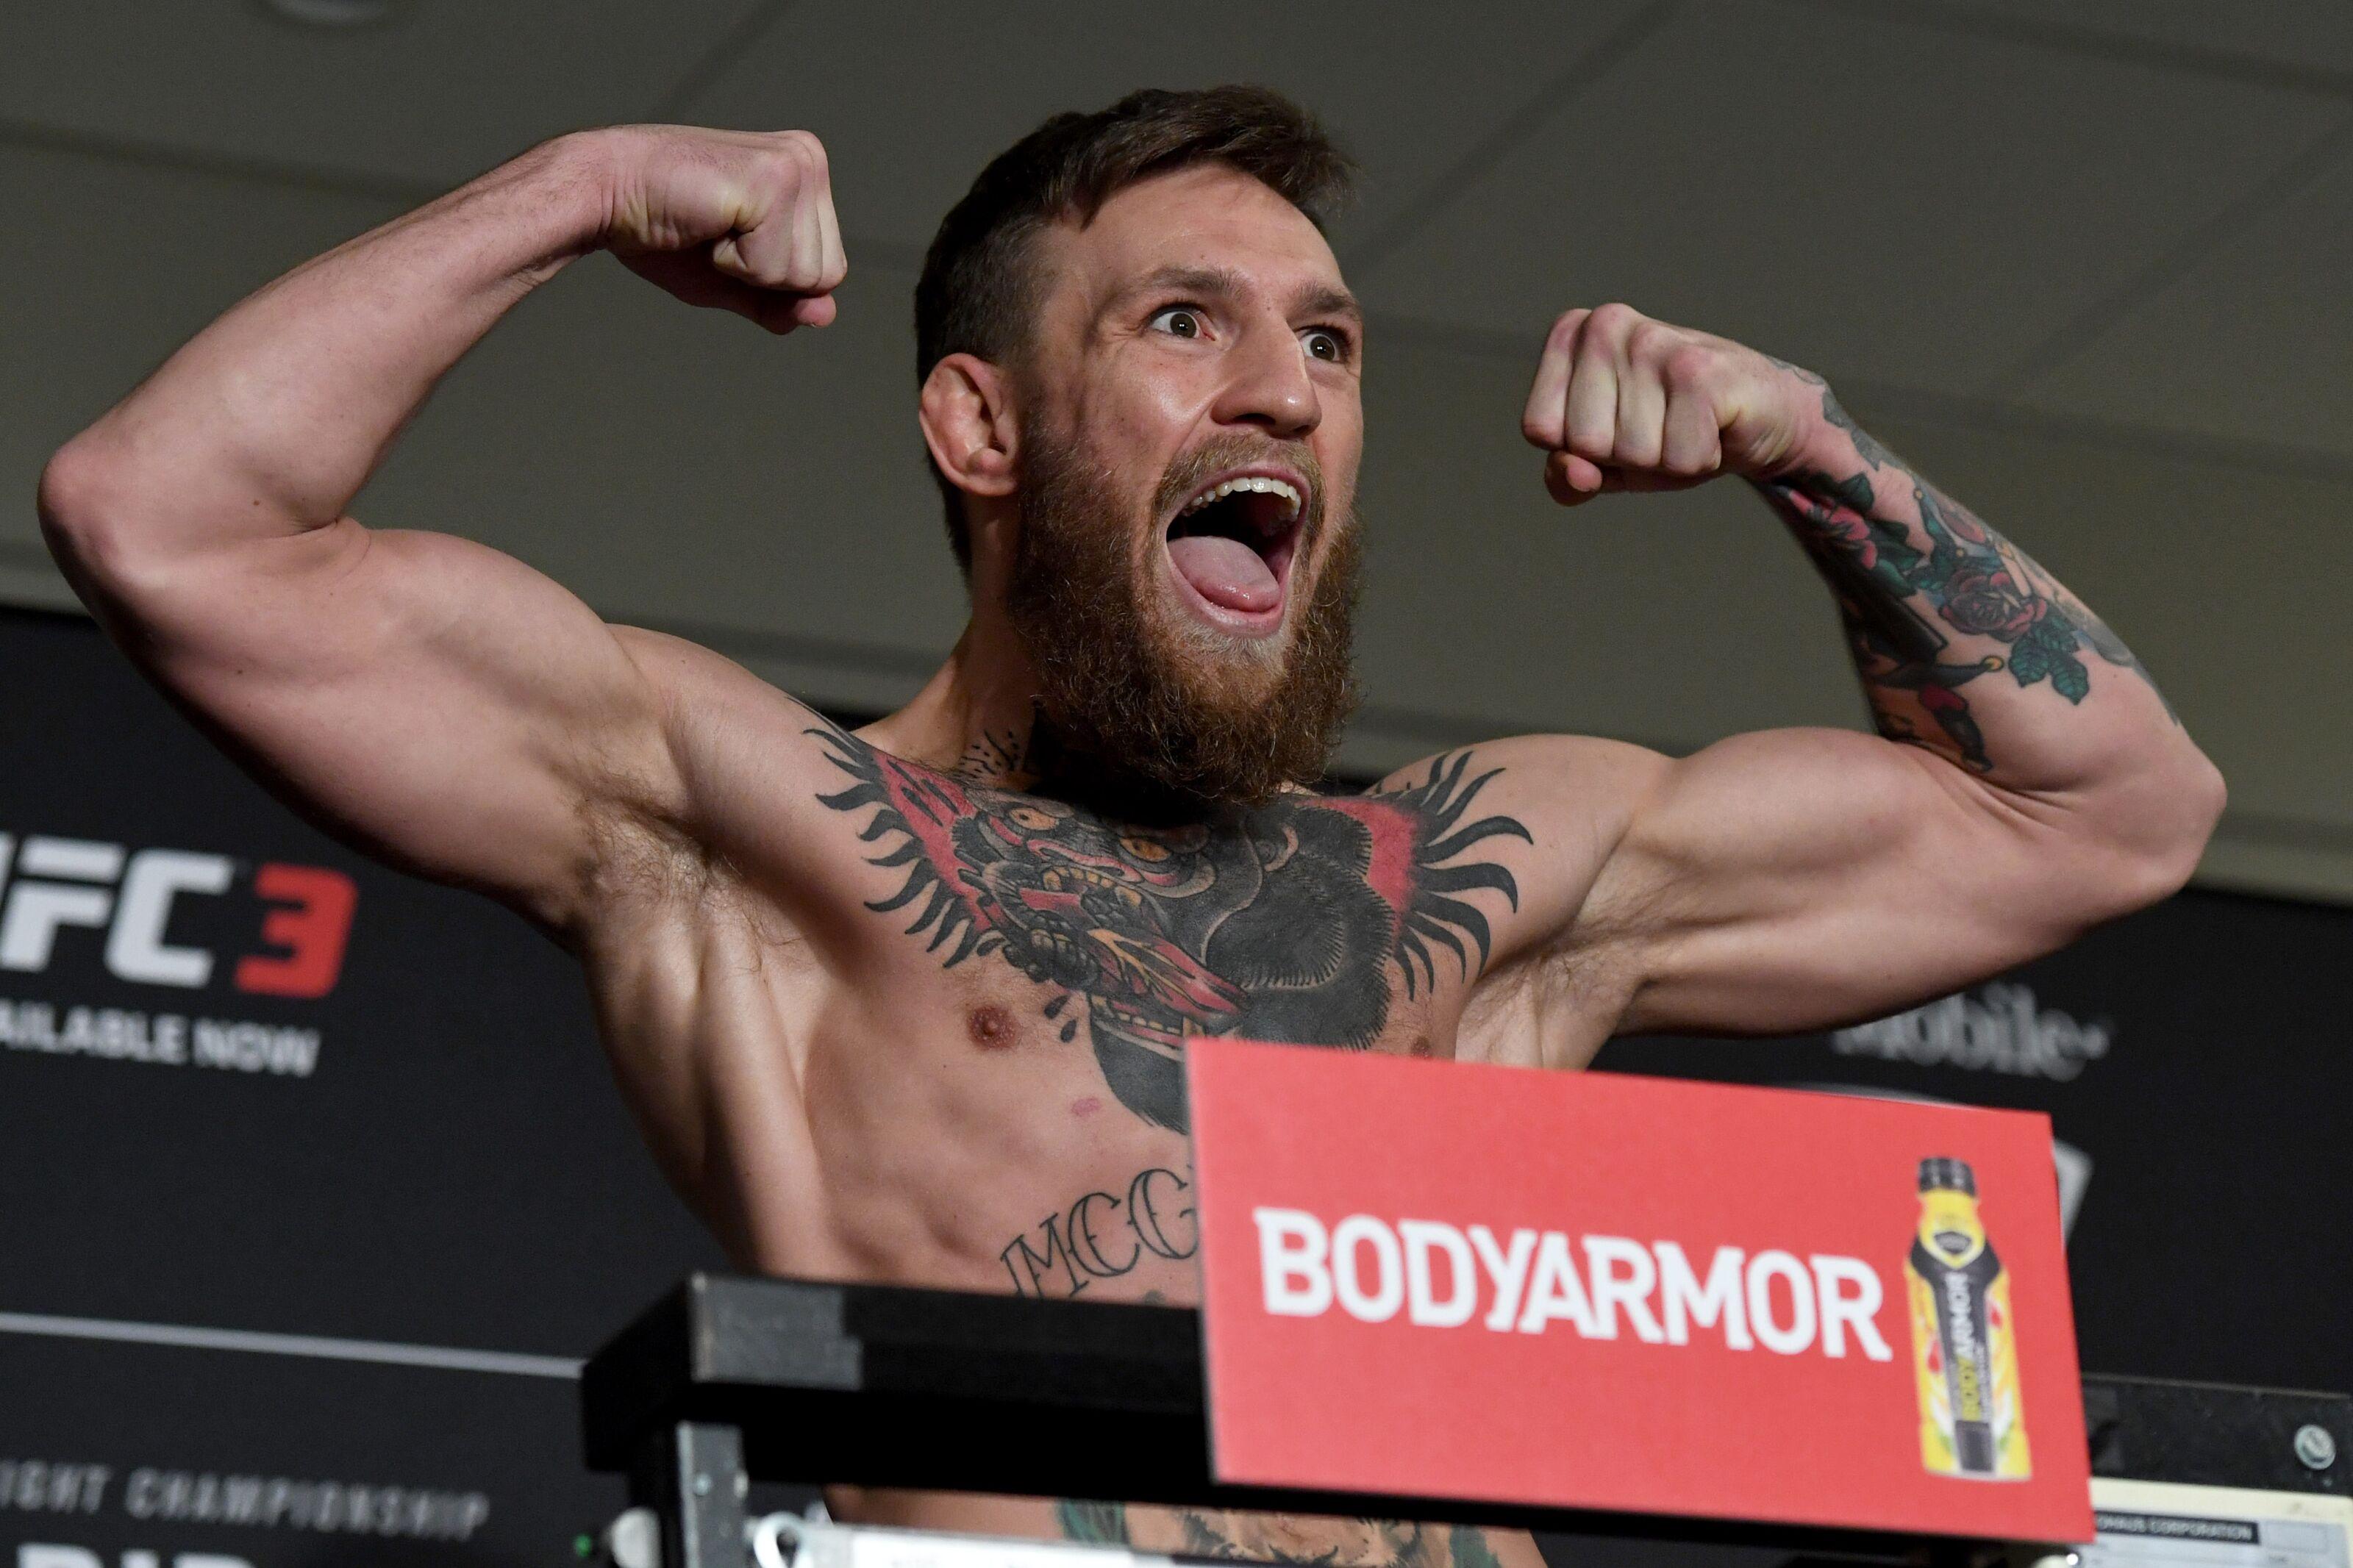 UFC 246: Conor McGregor vs. Cowboy Cerrone live weigh-in results